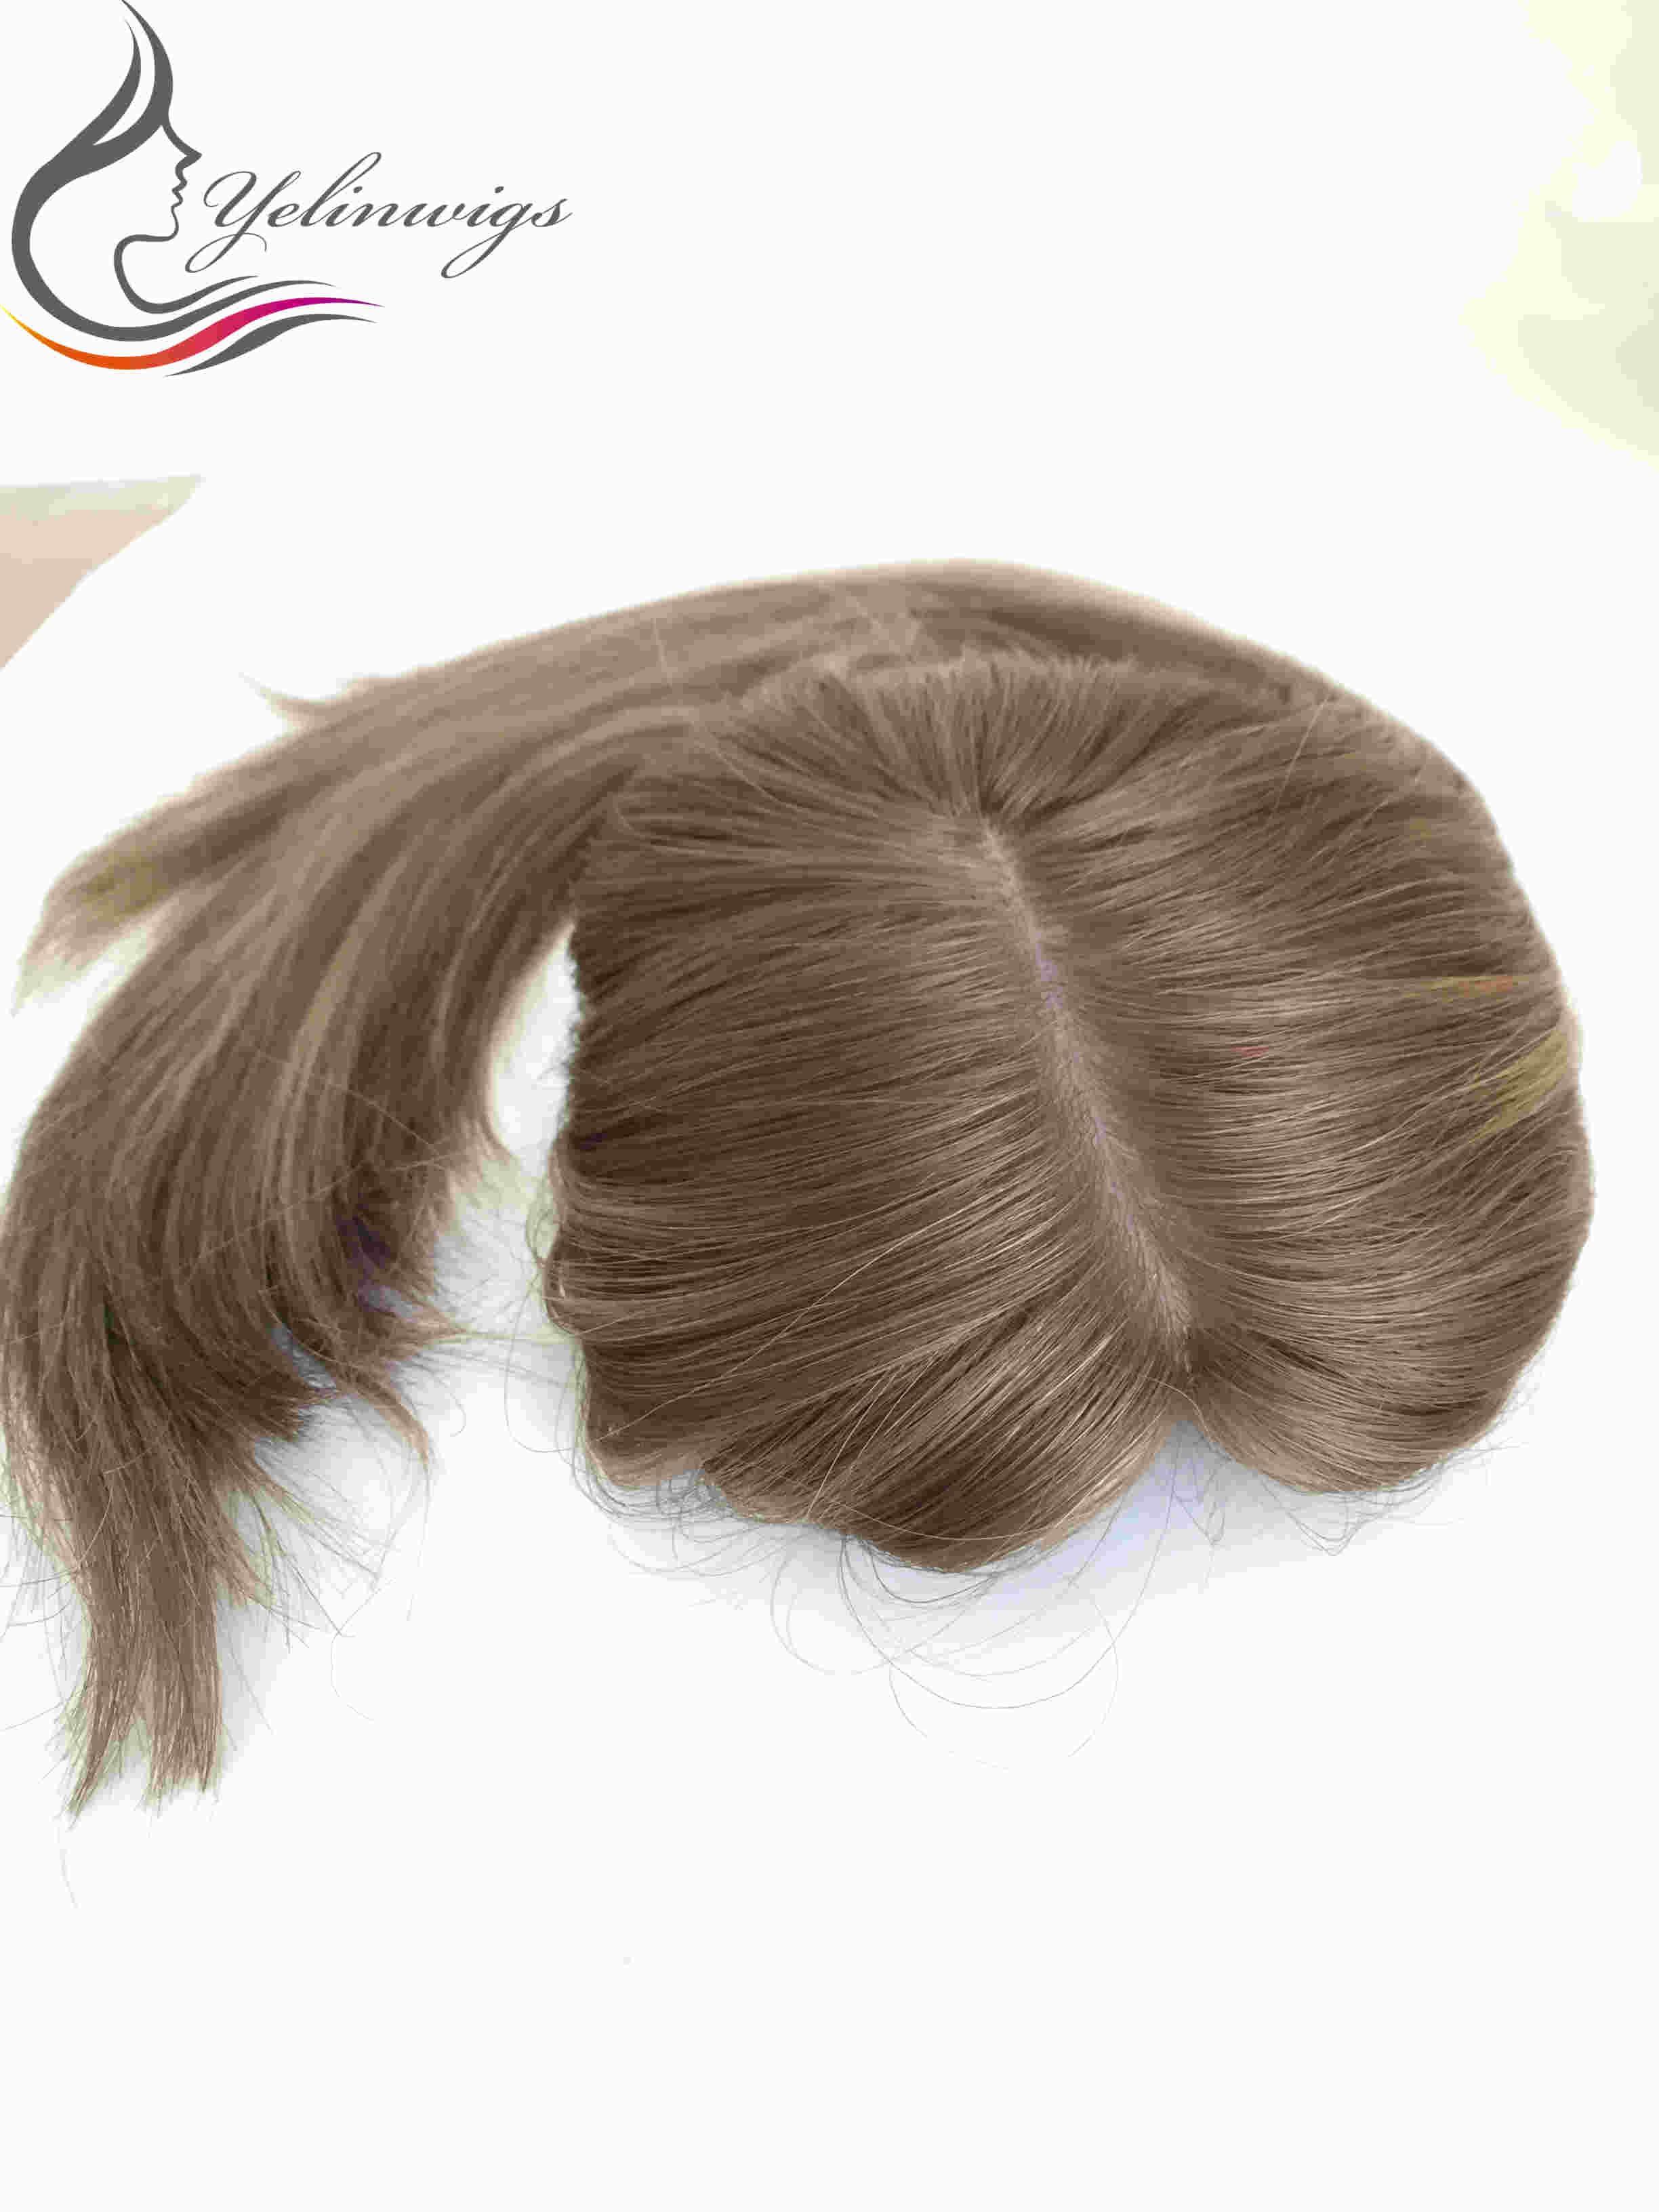 Hot Sale Highlight Blonde Color Jewish Topper Hair Pieces High Quality European Hair Kippah Fall Hair Pieces